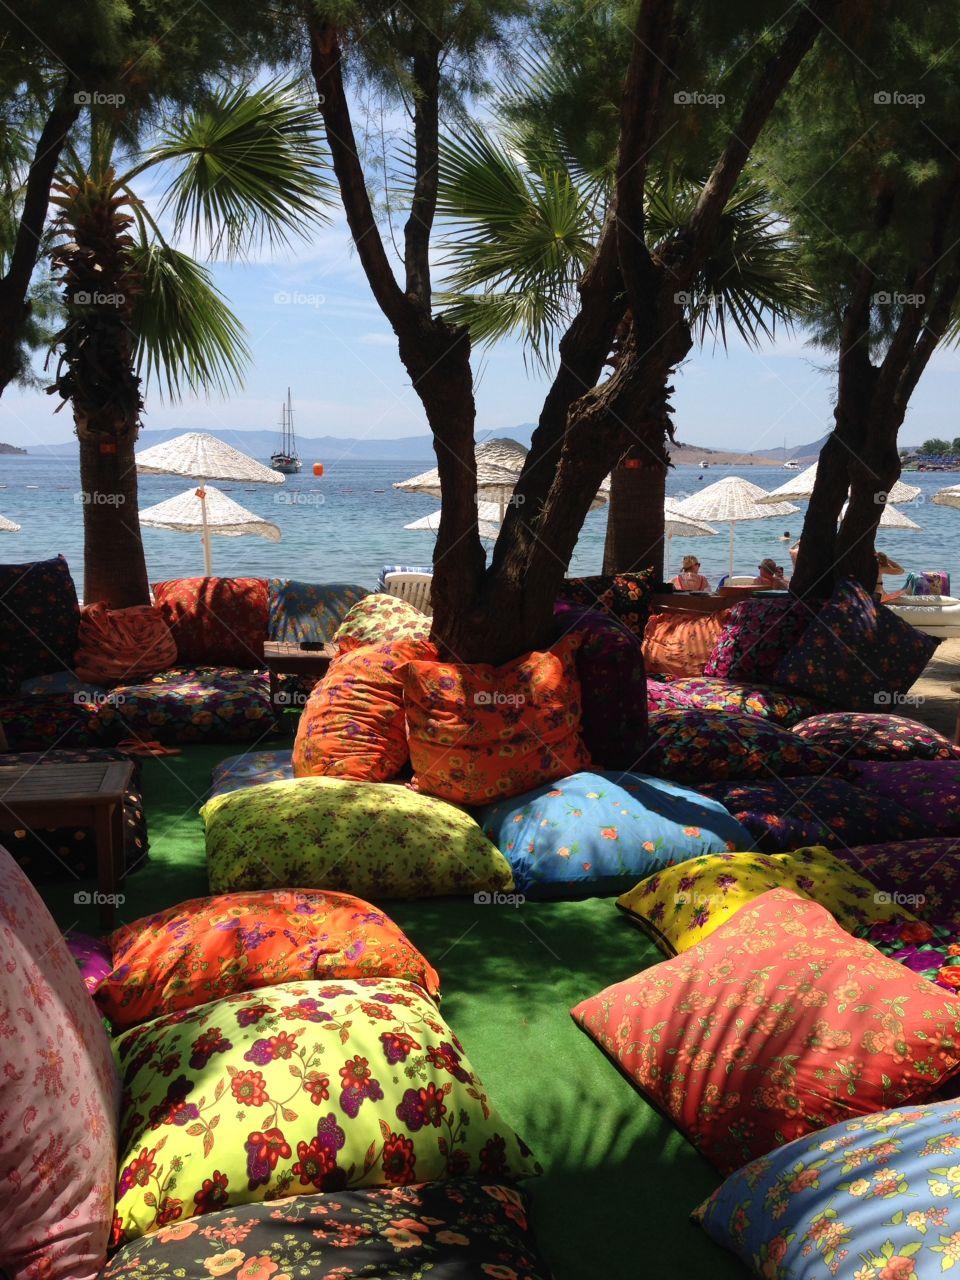 Cushions on the beach